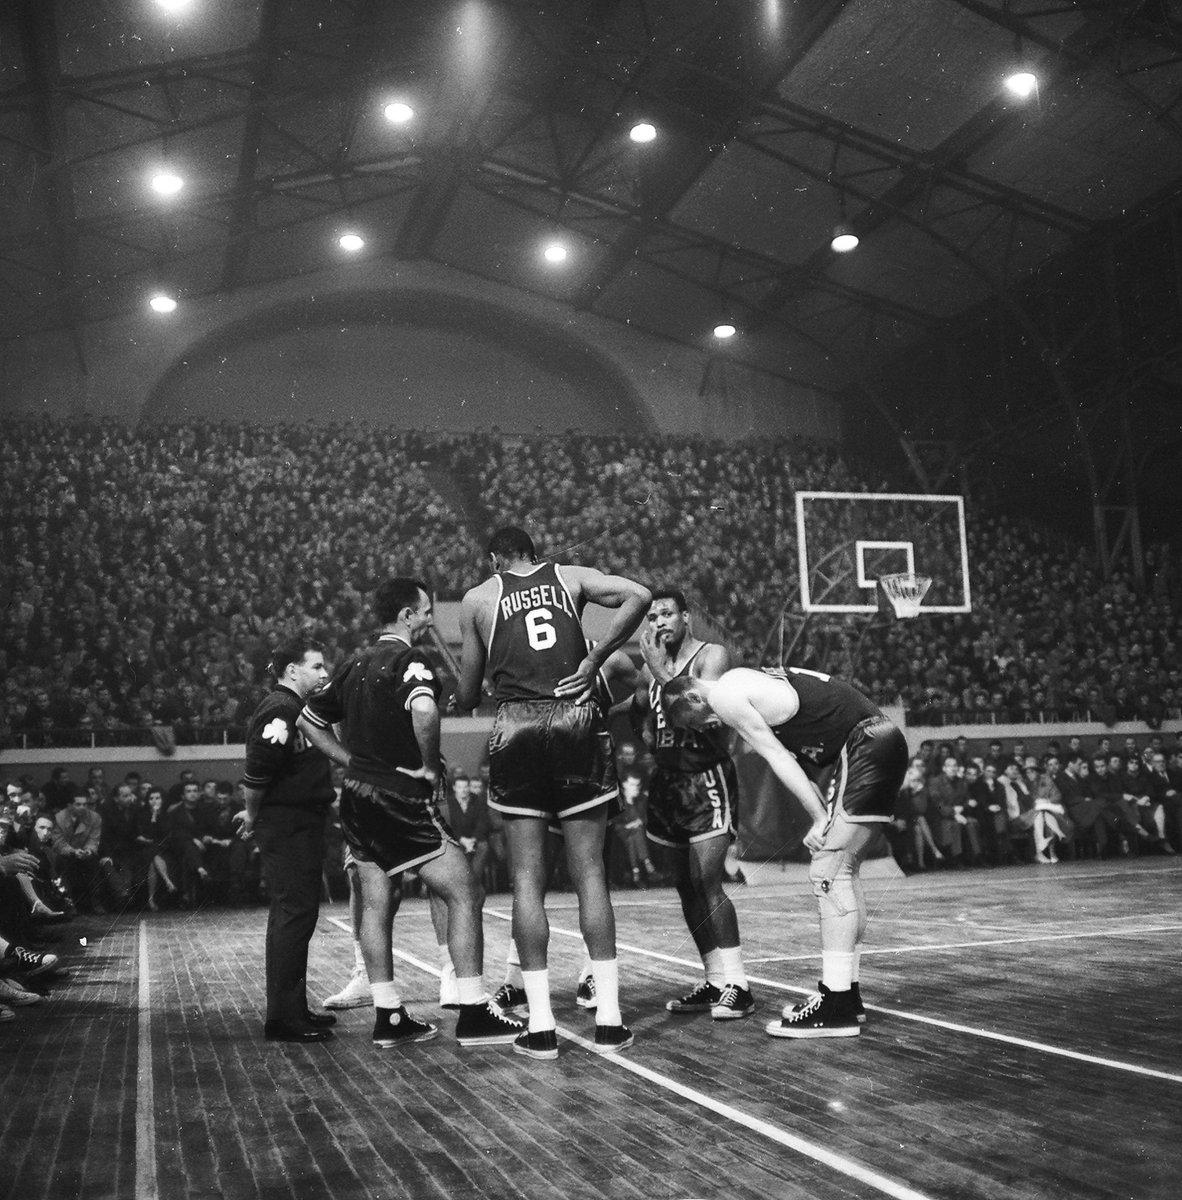 Bill Russell i gwiazdy NBA podczas meczu z AZS AWF Warszawa w Hali Mirowskiej w 1964 r. #koszwwa (@rightbankwarsaw) https://t.co/B1ELbMjV4S